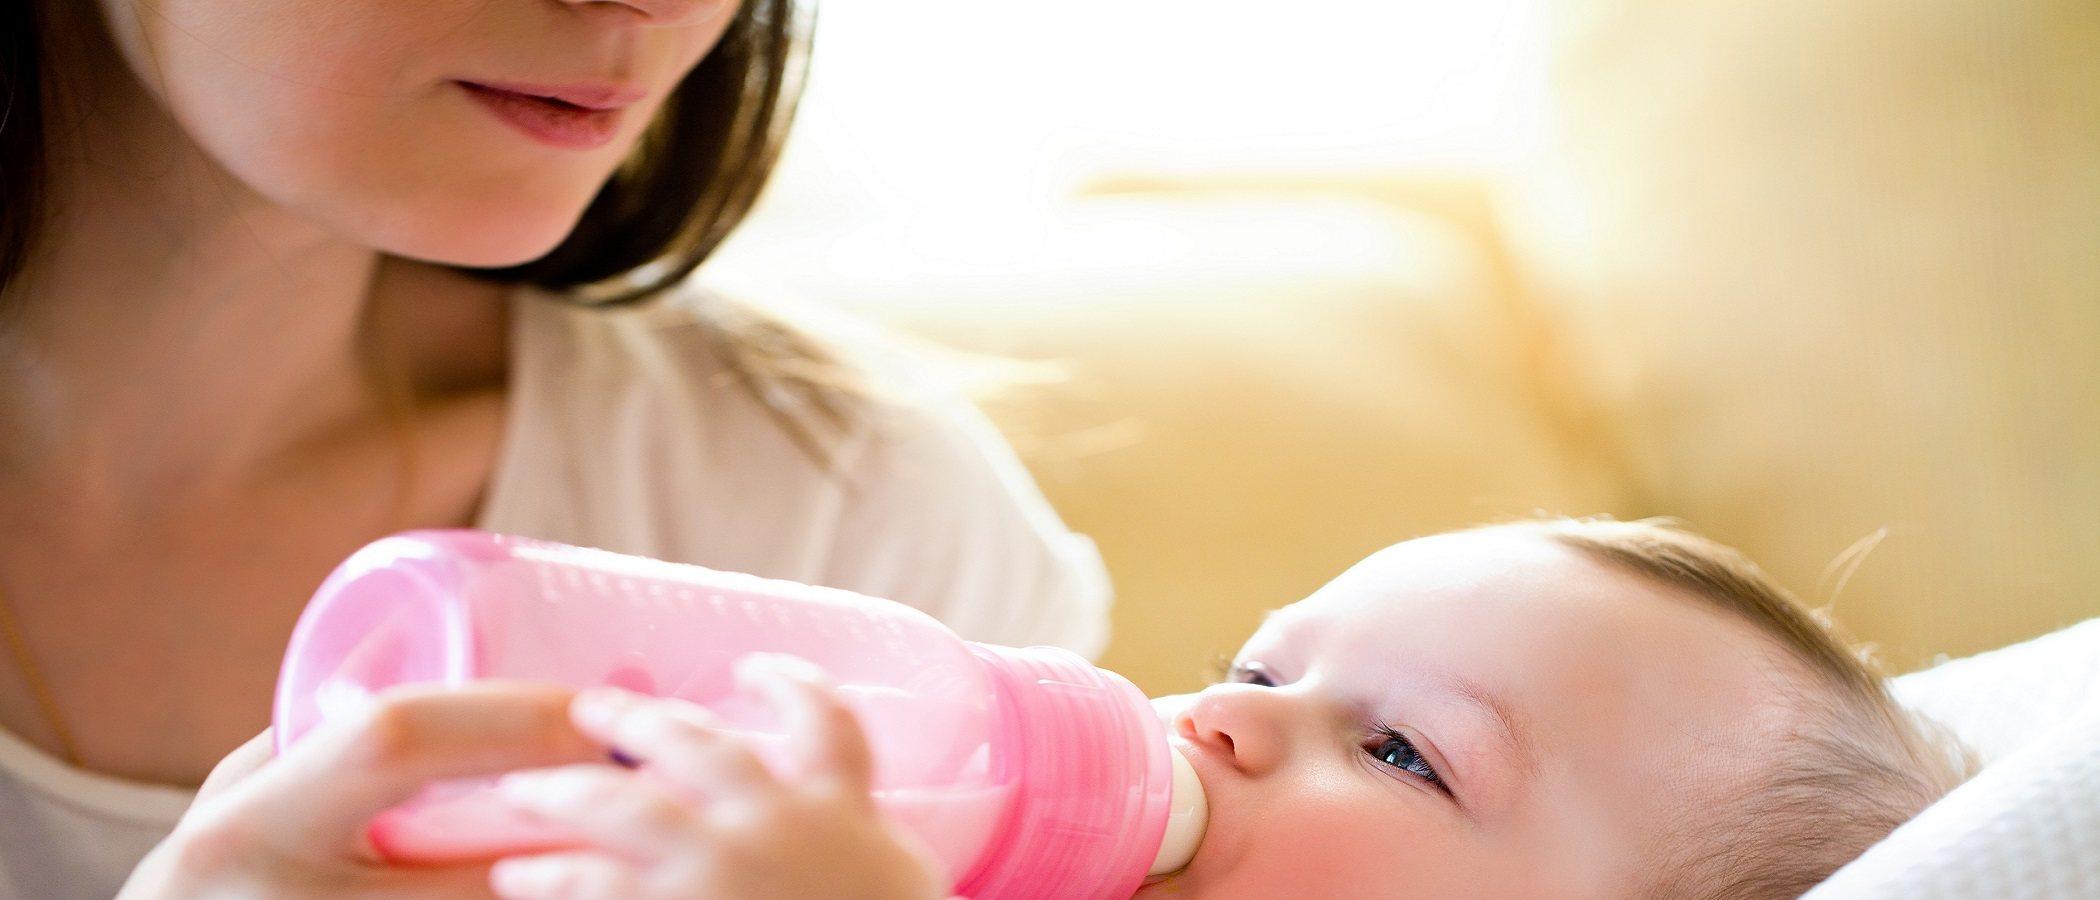 Harina de avena en la alimentación del bebé: ¿es buena o mala idea?